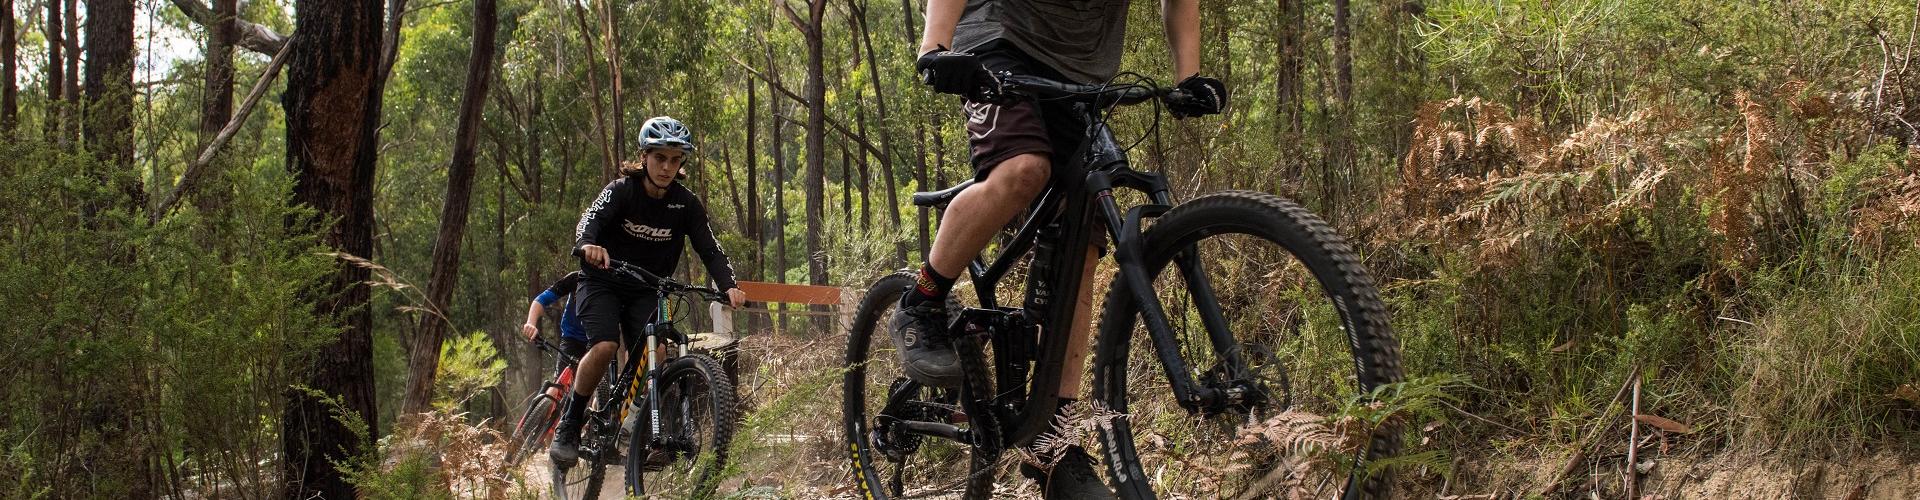 Riders at Warburton mountain bike track